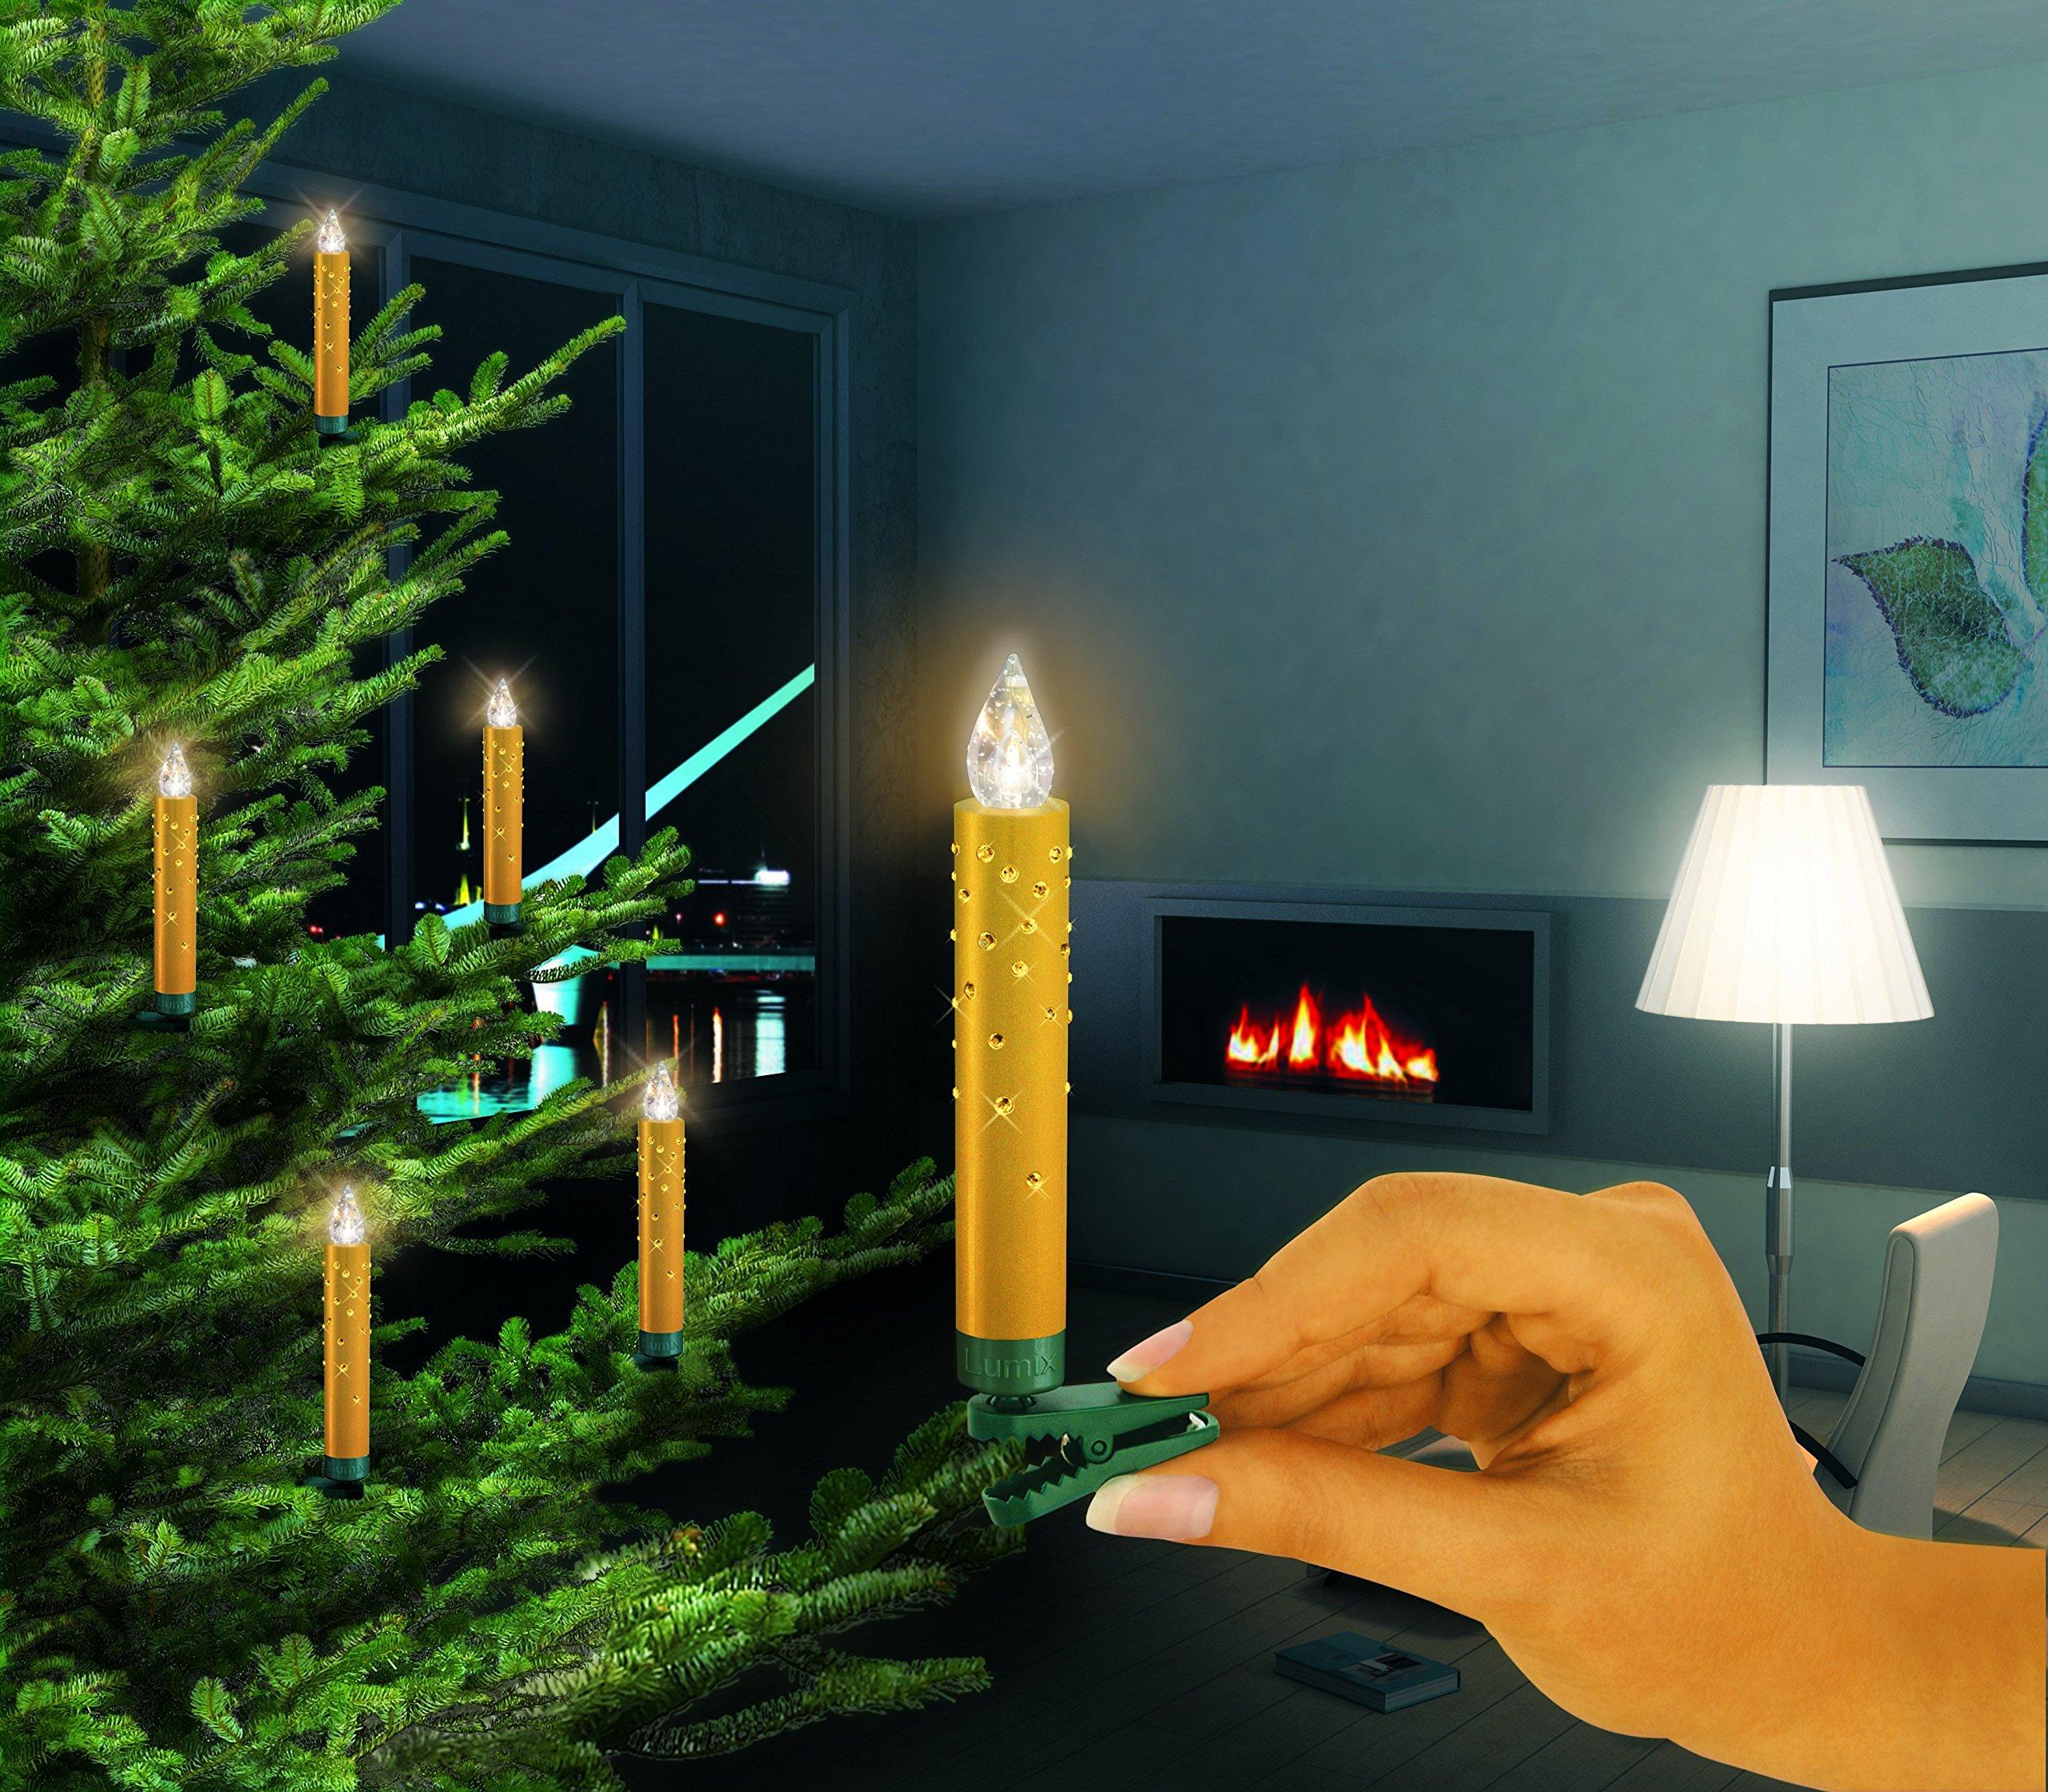 Krinner-Lumix-Crystal-Modell-2012-gold-mit-Swarovski-Kristallen-5er-Erweiterungsset